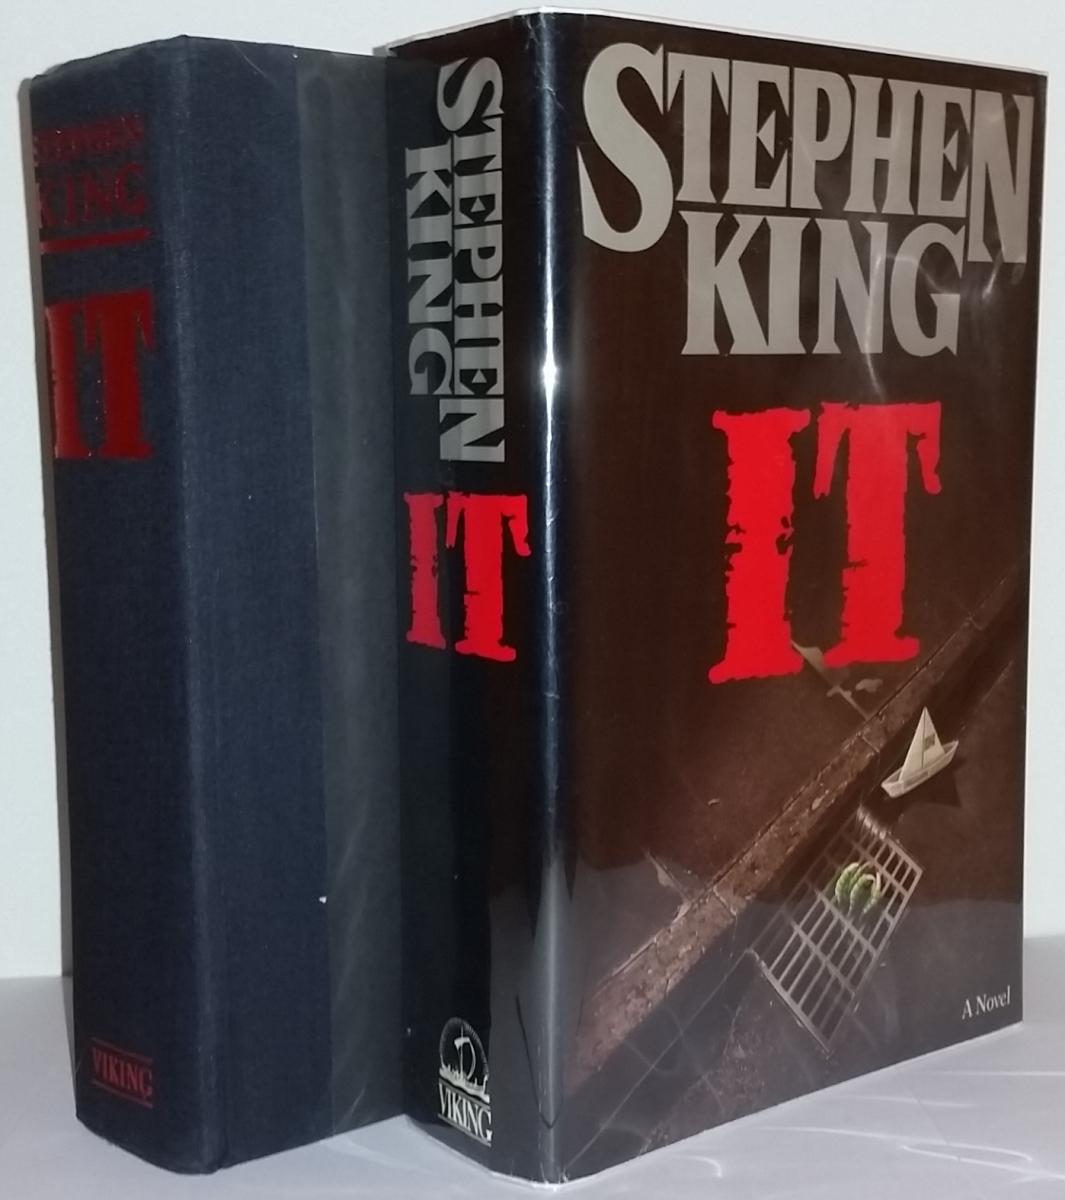 It (Viking) - książka i obwoluta - obrazek